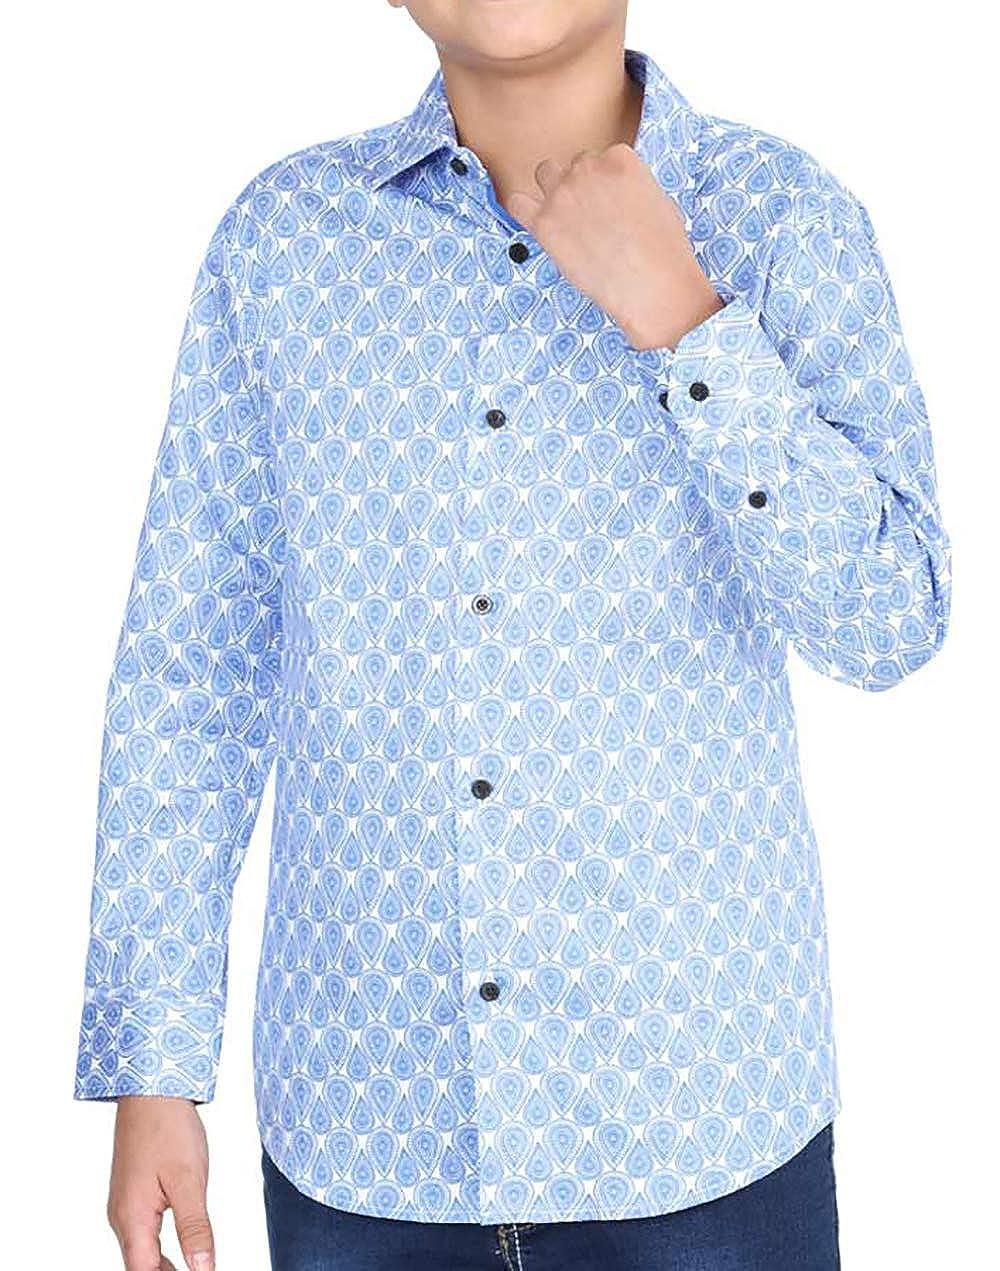 Centenario Boys Casual Shirt Camisa Casual Ni/ño Color Blue